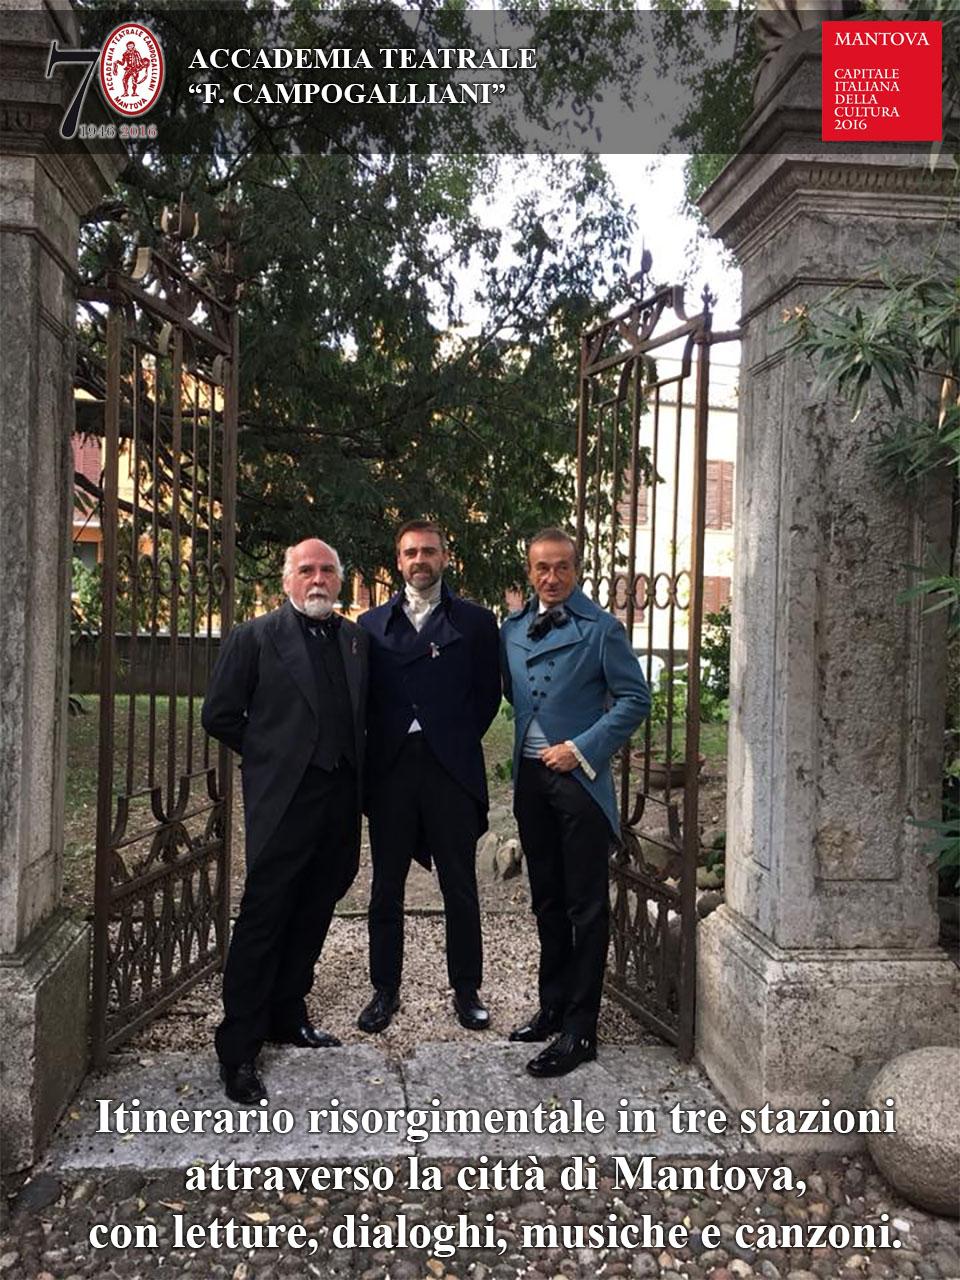 Itinerario risorgimentale in sei stazioni attraverso la città di Mantova, con letture, dialoghi,  musiche e canzoni